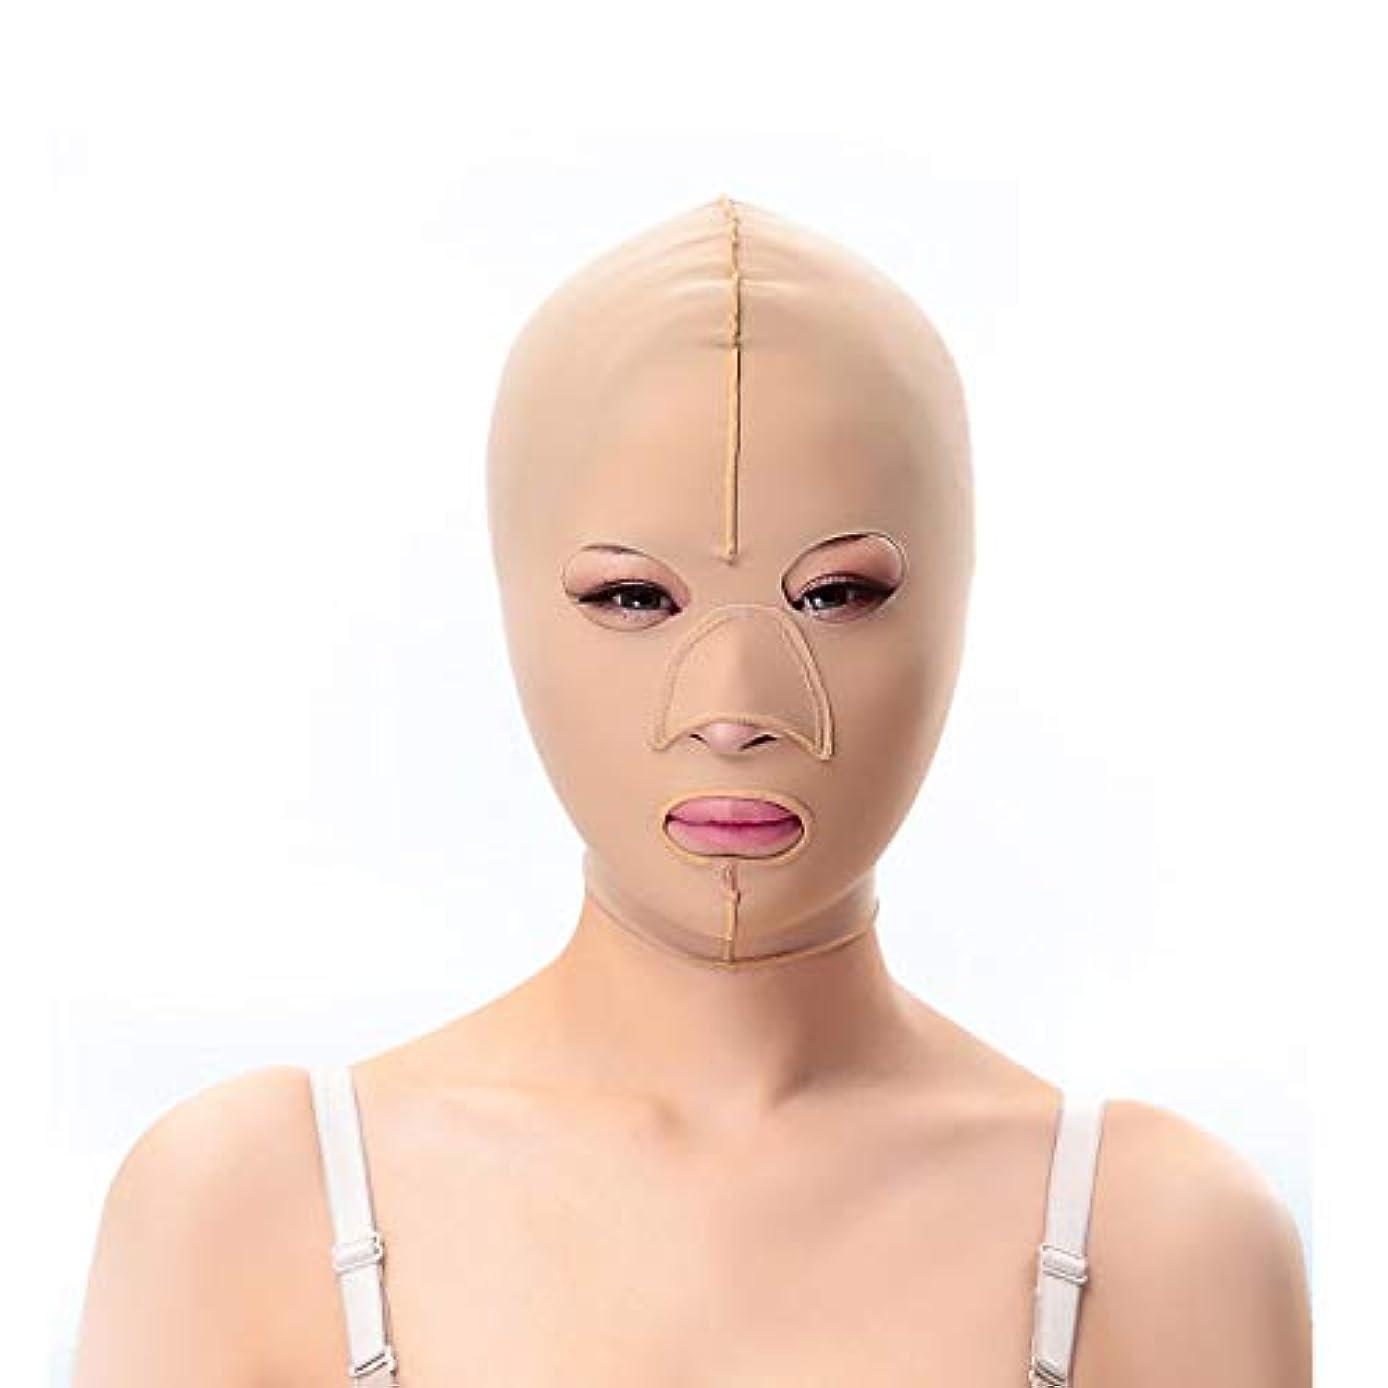 ジャズ科学者結果TLMY 減量ベルトマスクフェイスマスク神聖なパターンリフト二重あご引き締め顔面プラスチック顔面アーティファクト強力な顔面包帯 顔用整形マスク (Size : S)